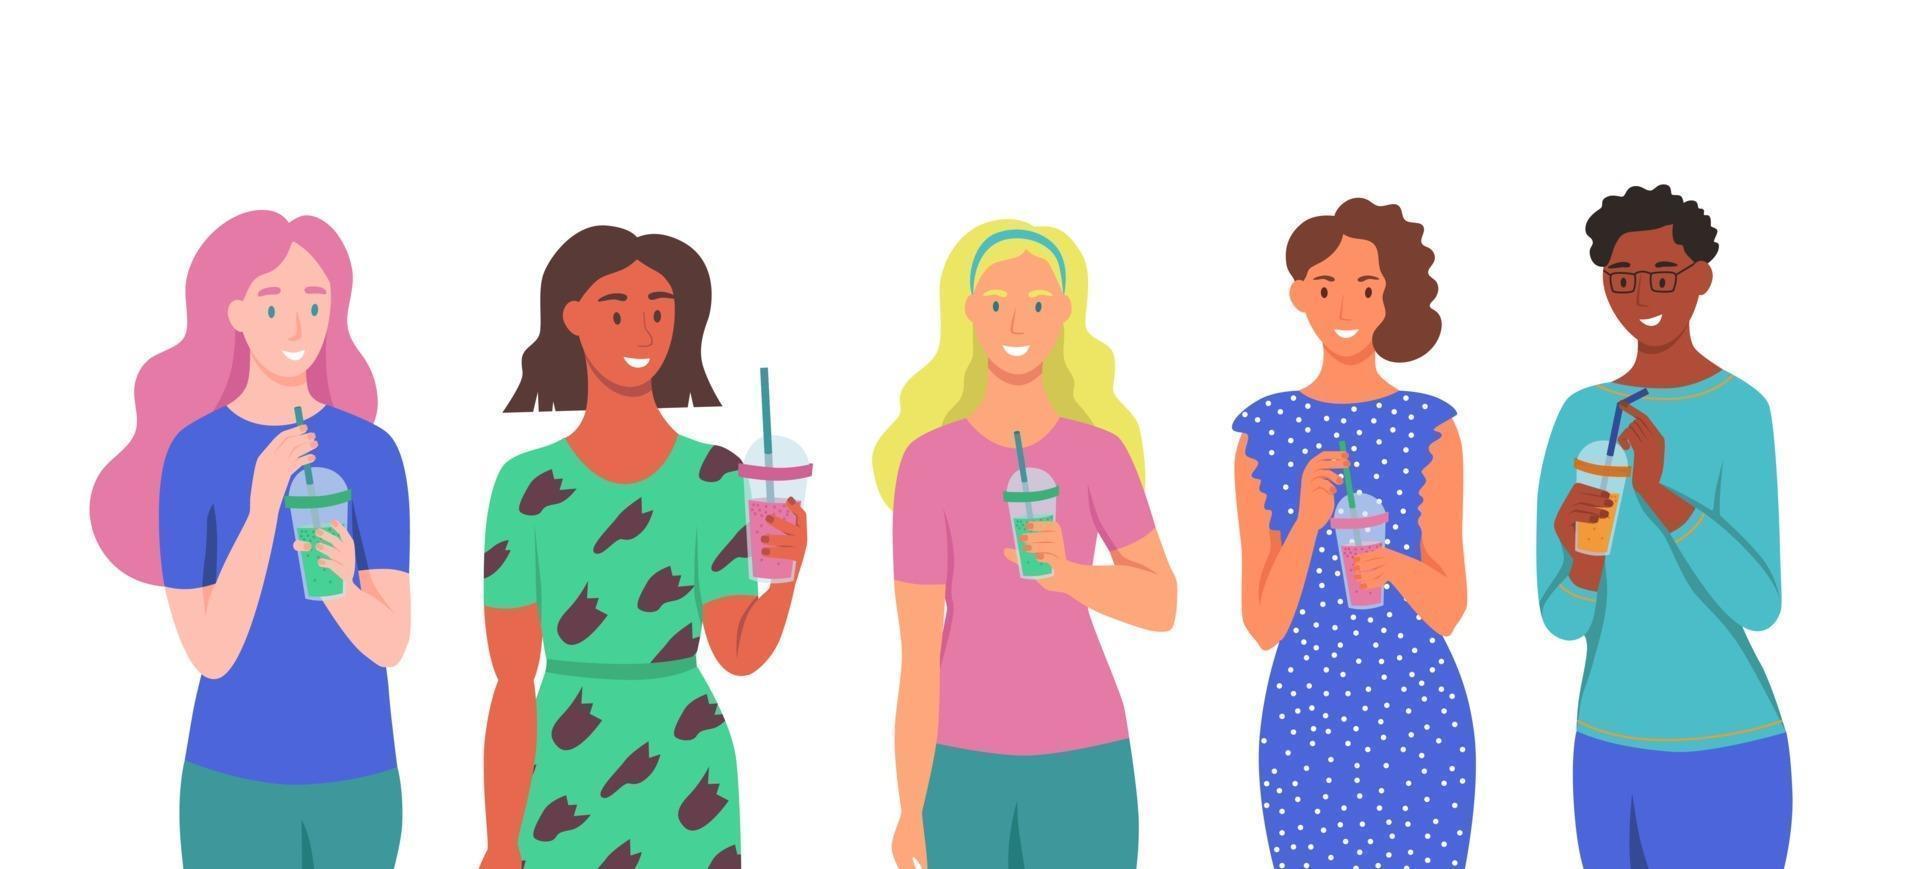 un ensemble de caractères. les jeunes femmes boivent des smoothies, des jus de fruits frais, un cocktail. le concept d'une bonne nutrition, d'un mode de vie sain. illustration de dessin animé plat. vecteur